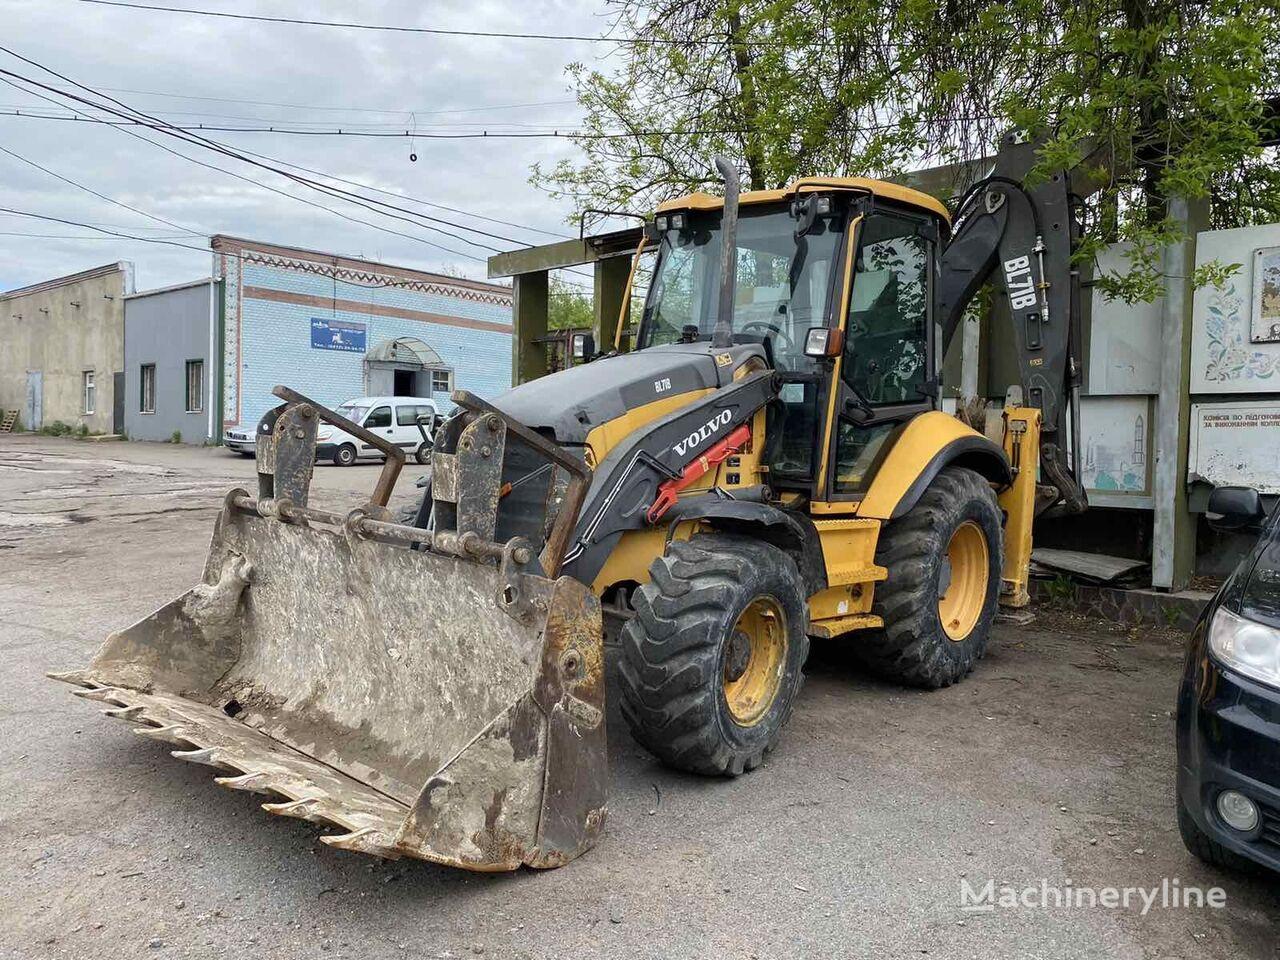 VOLVO BL 71 backhoe loader